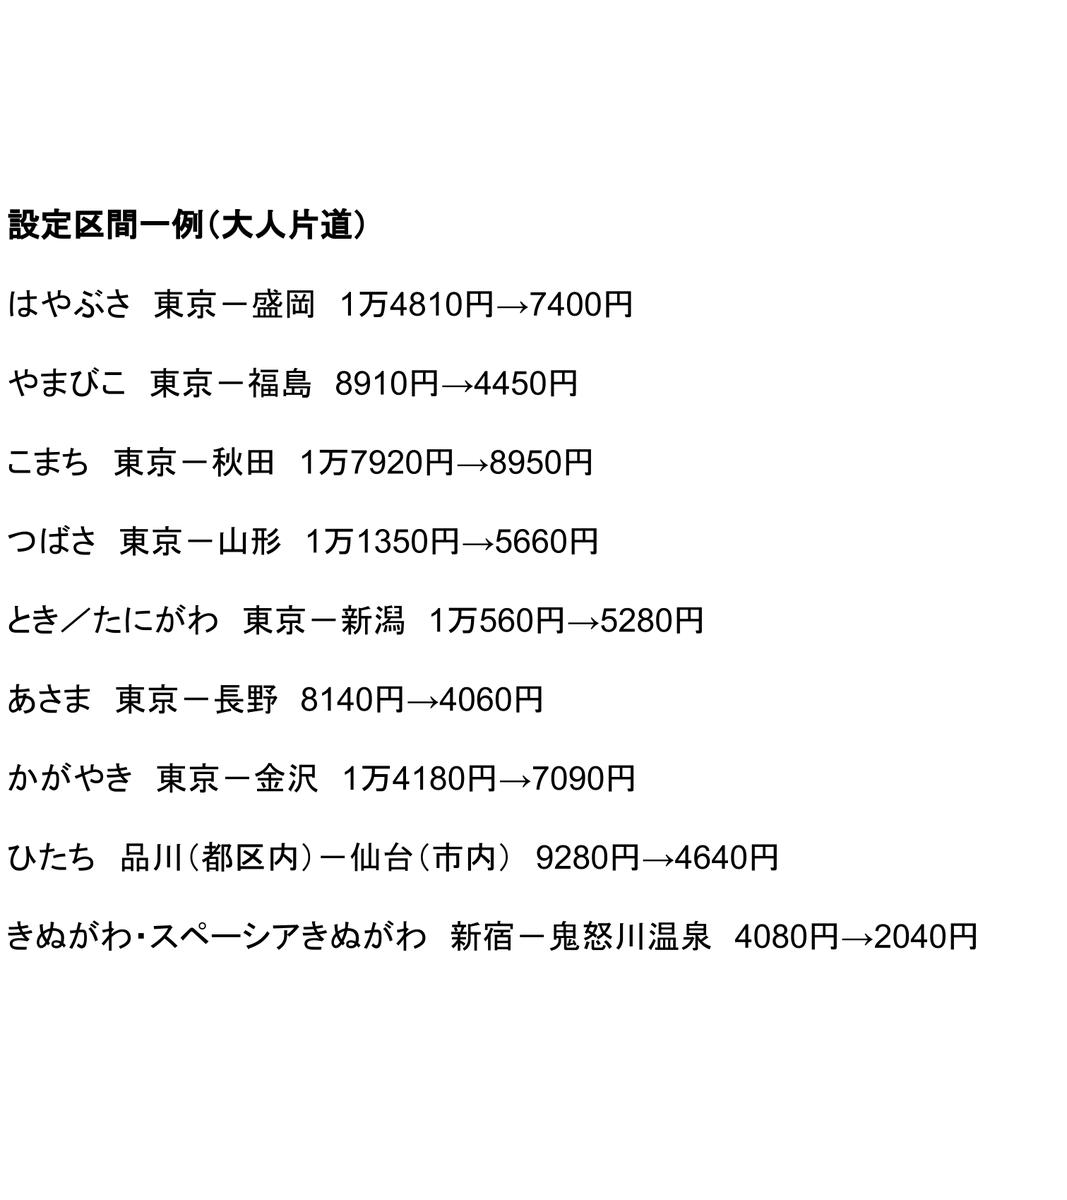 【来年3月まで】JR東日本、新幹線きっぷが半額に